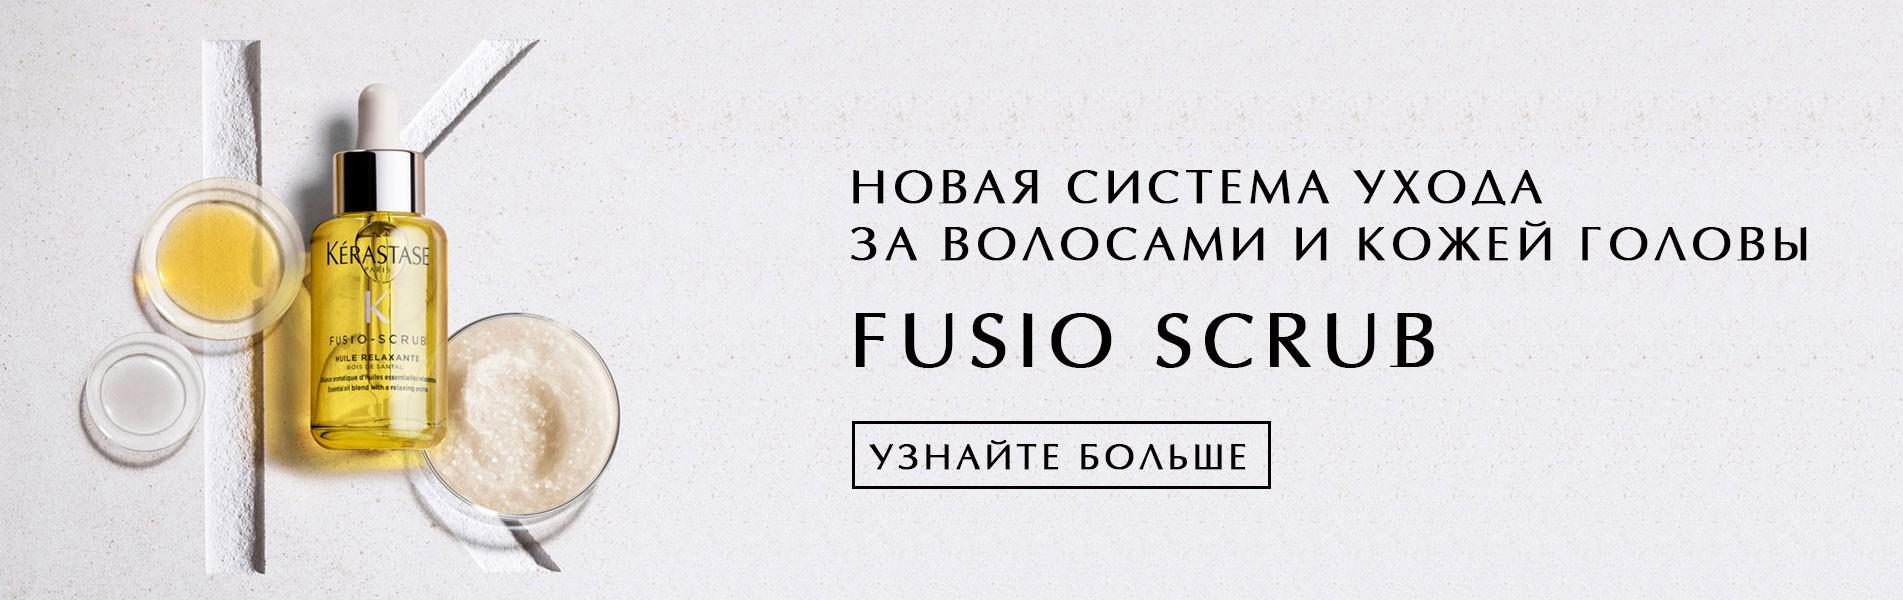 Новая система ухода за кожей головы и волосами: Kerastase Fusio Scrub